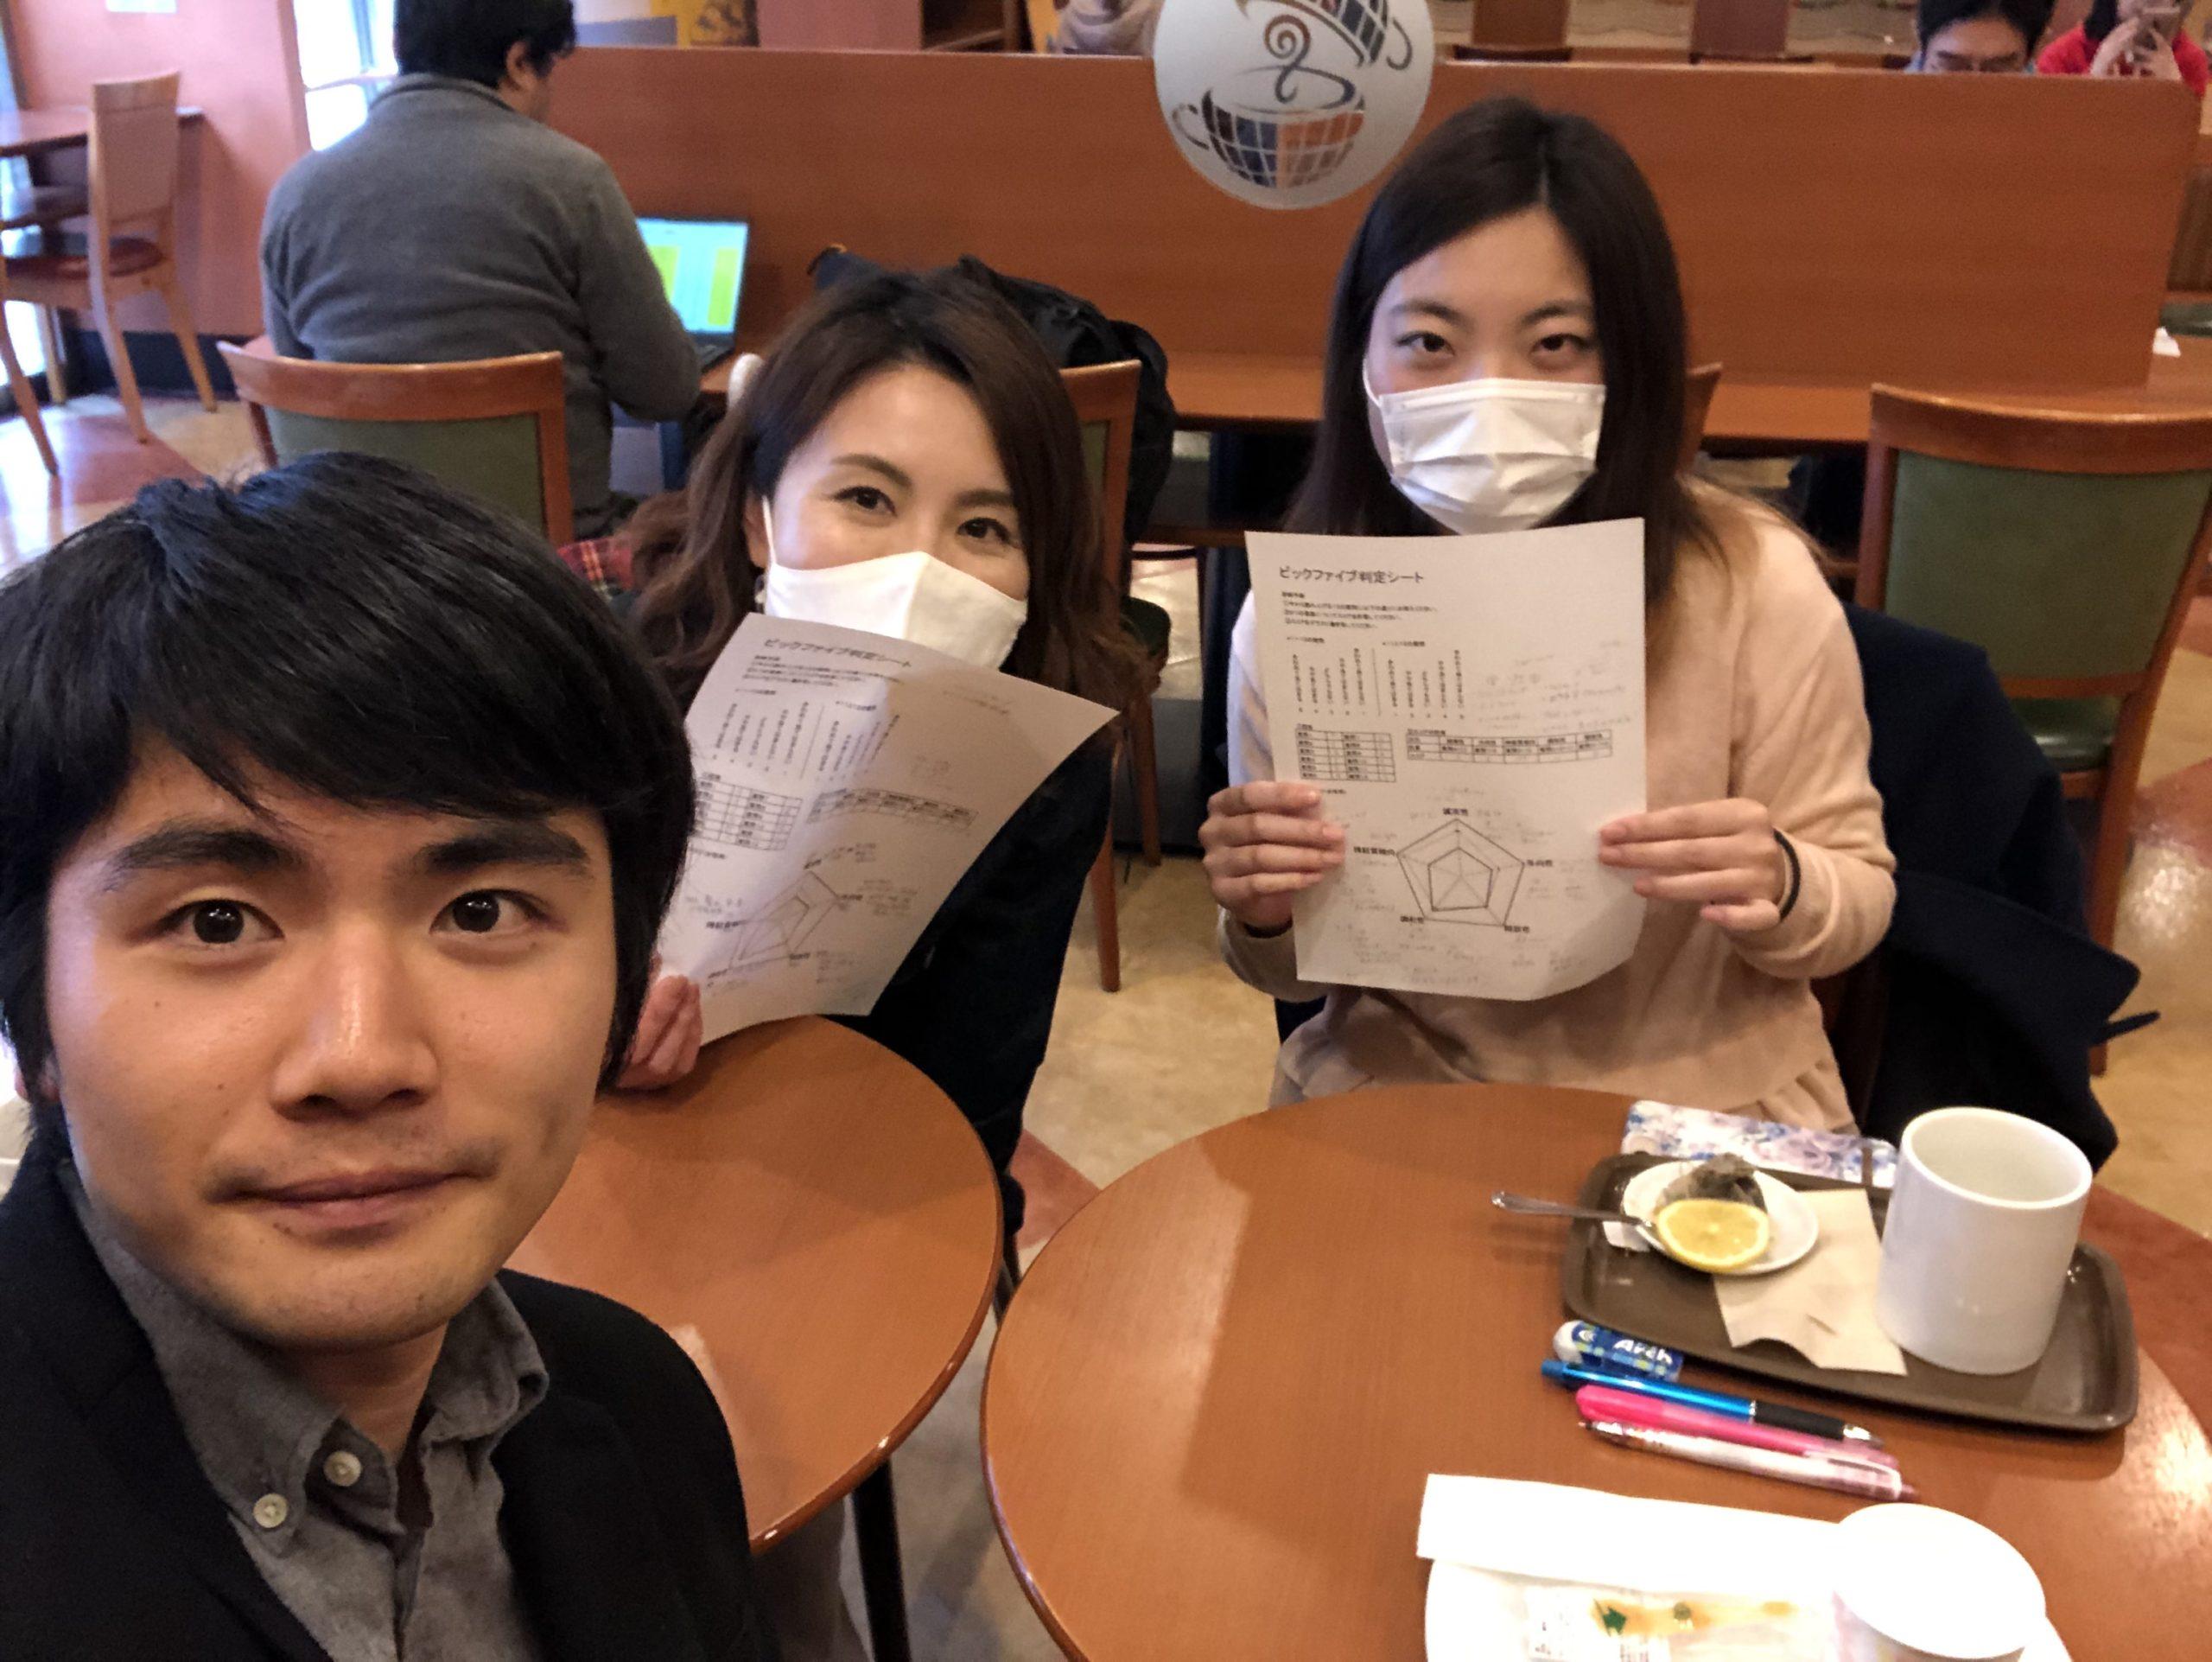 2020年10月10日 第16回目の自己分析セミナー東京